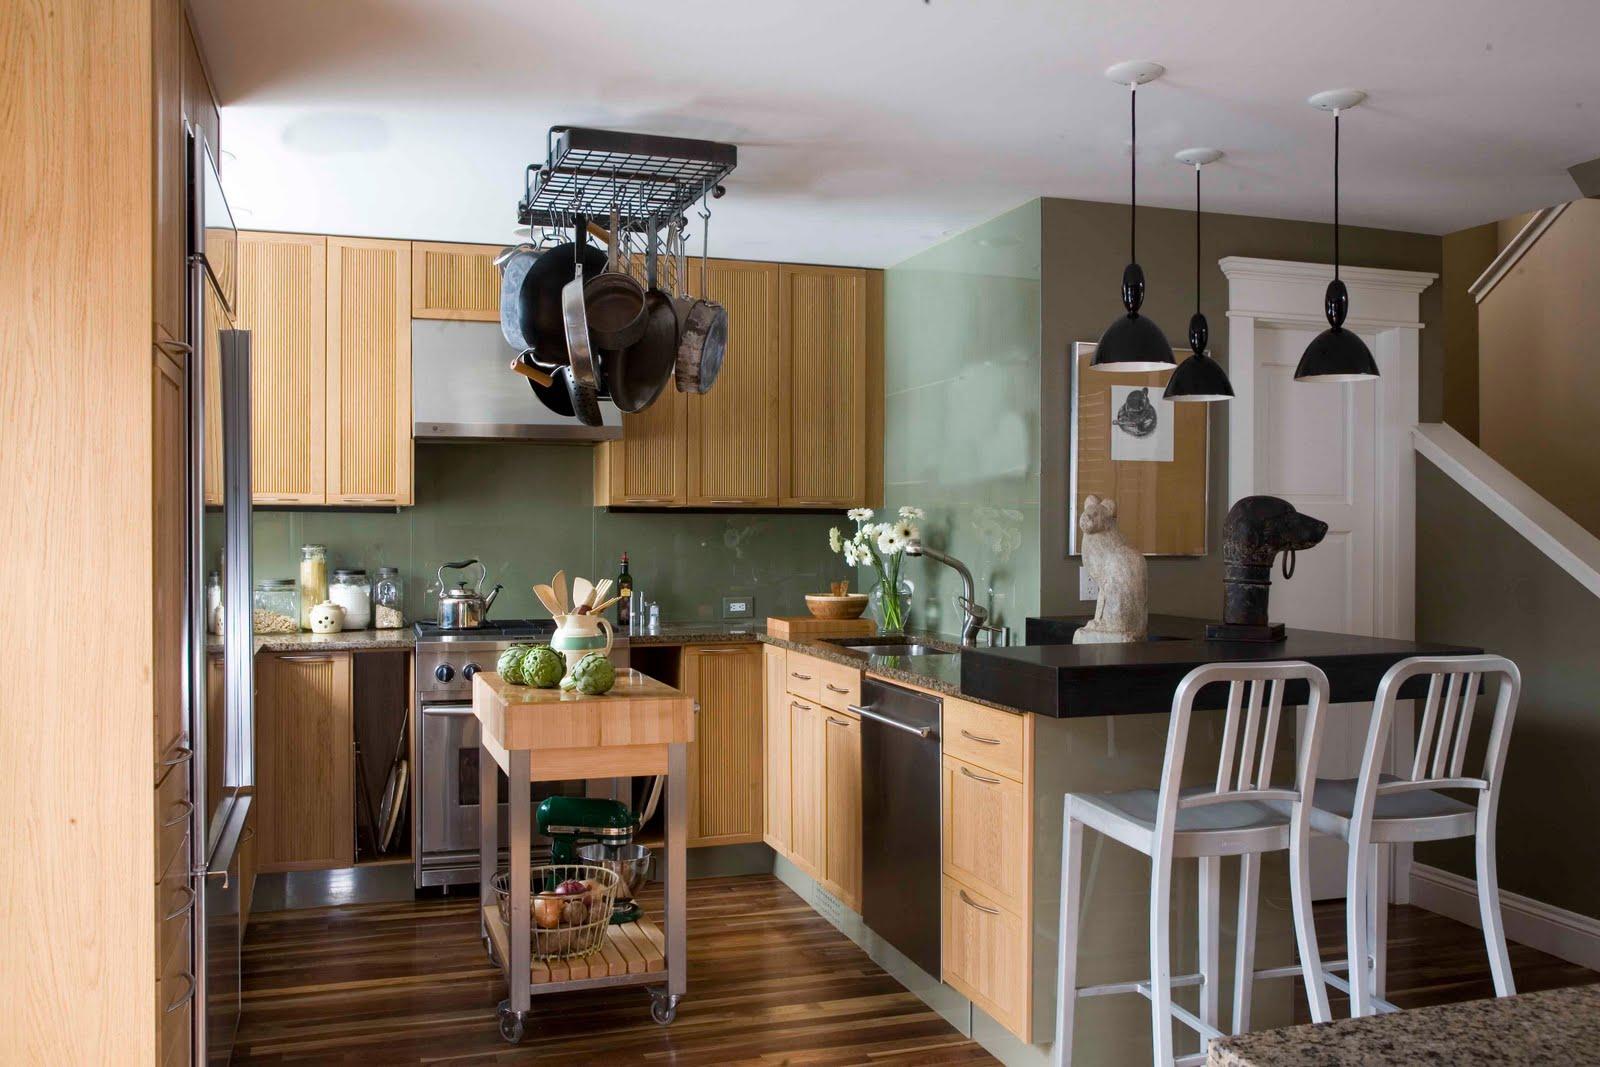 eksotisk-sort-modulær-vedhæng-lamper-blandet-med-hvid-træ-miljøvenlige-køkken-interiør-on-laminat-gulv-design